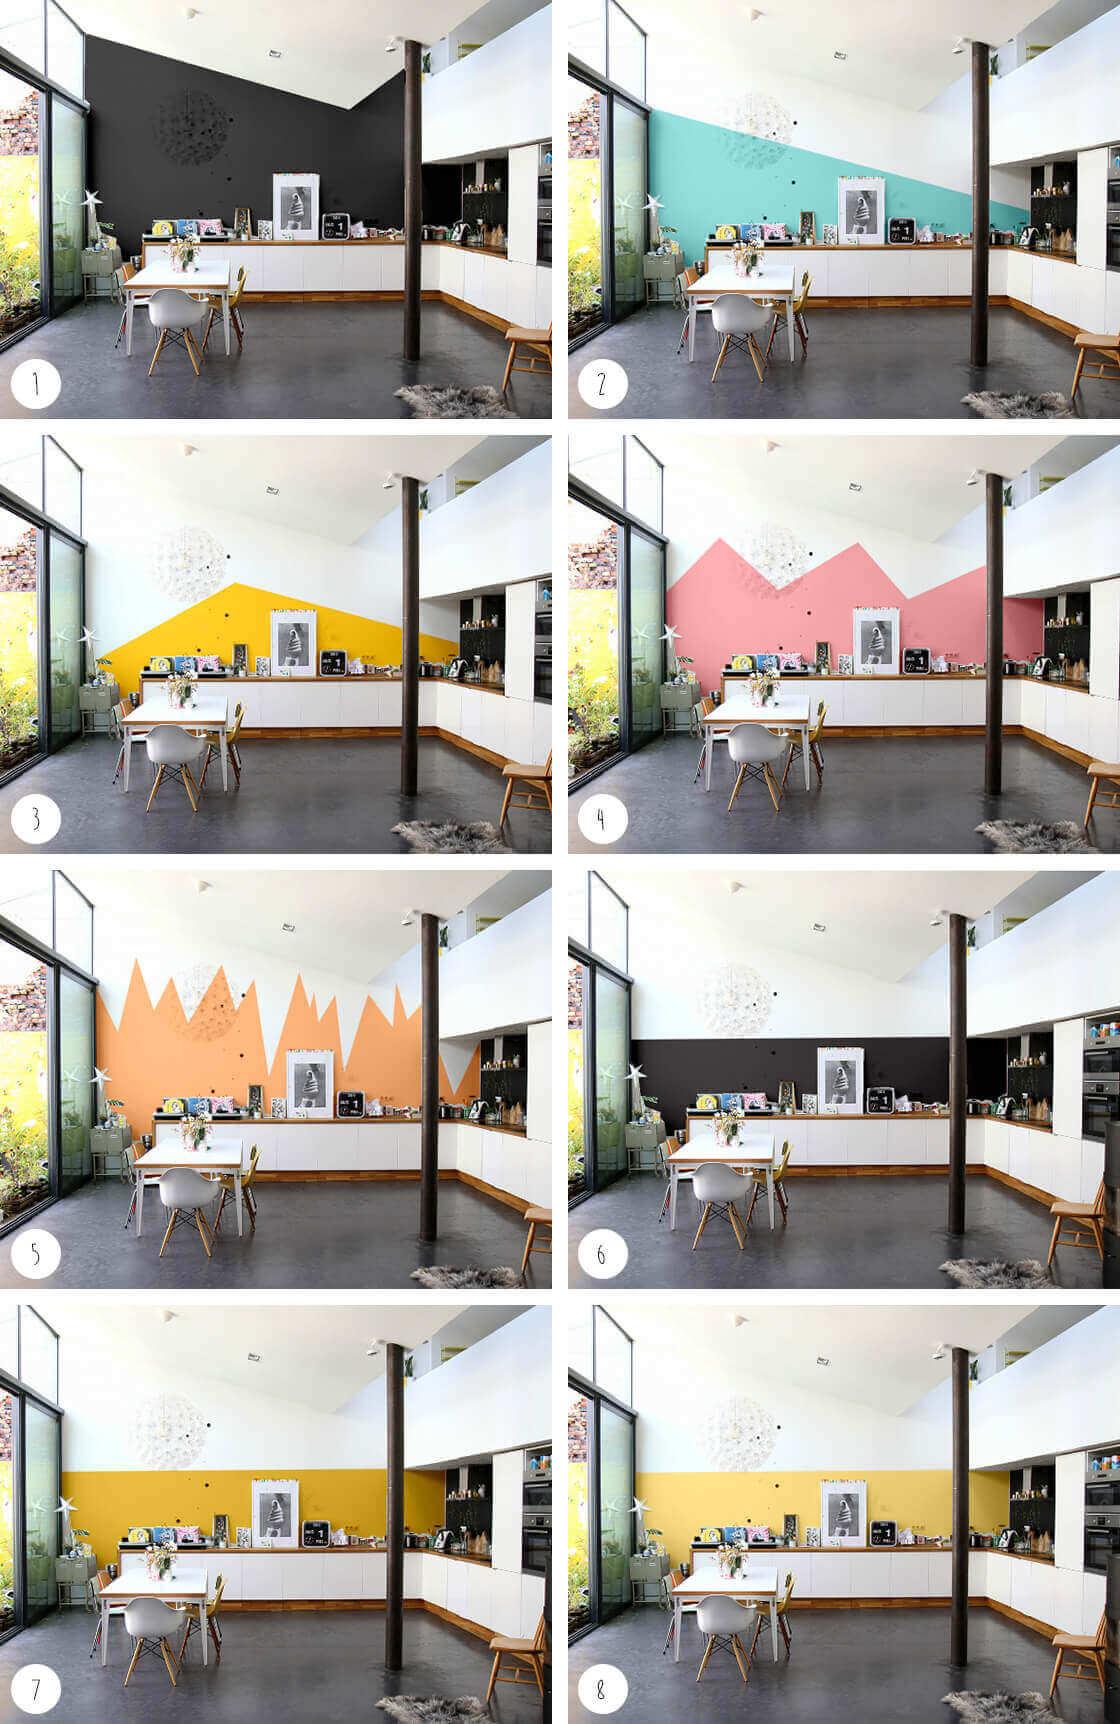 couleur interieur de maison la palette de couleurs. Black Bedroom Furniture Sets. Home Design Ideas